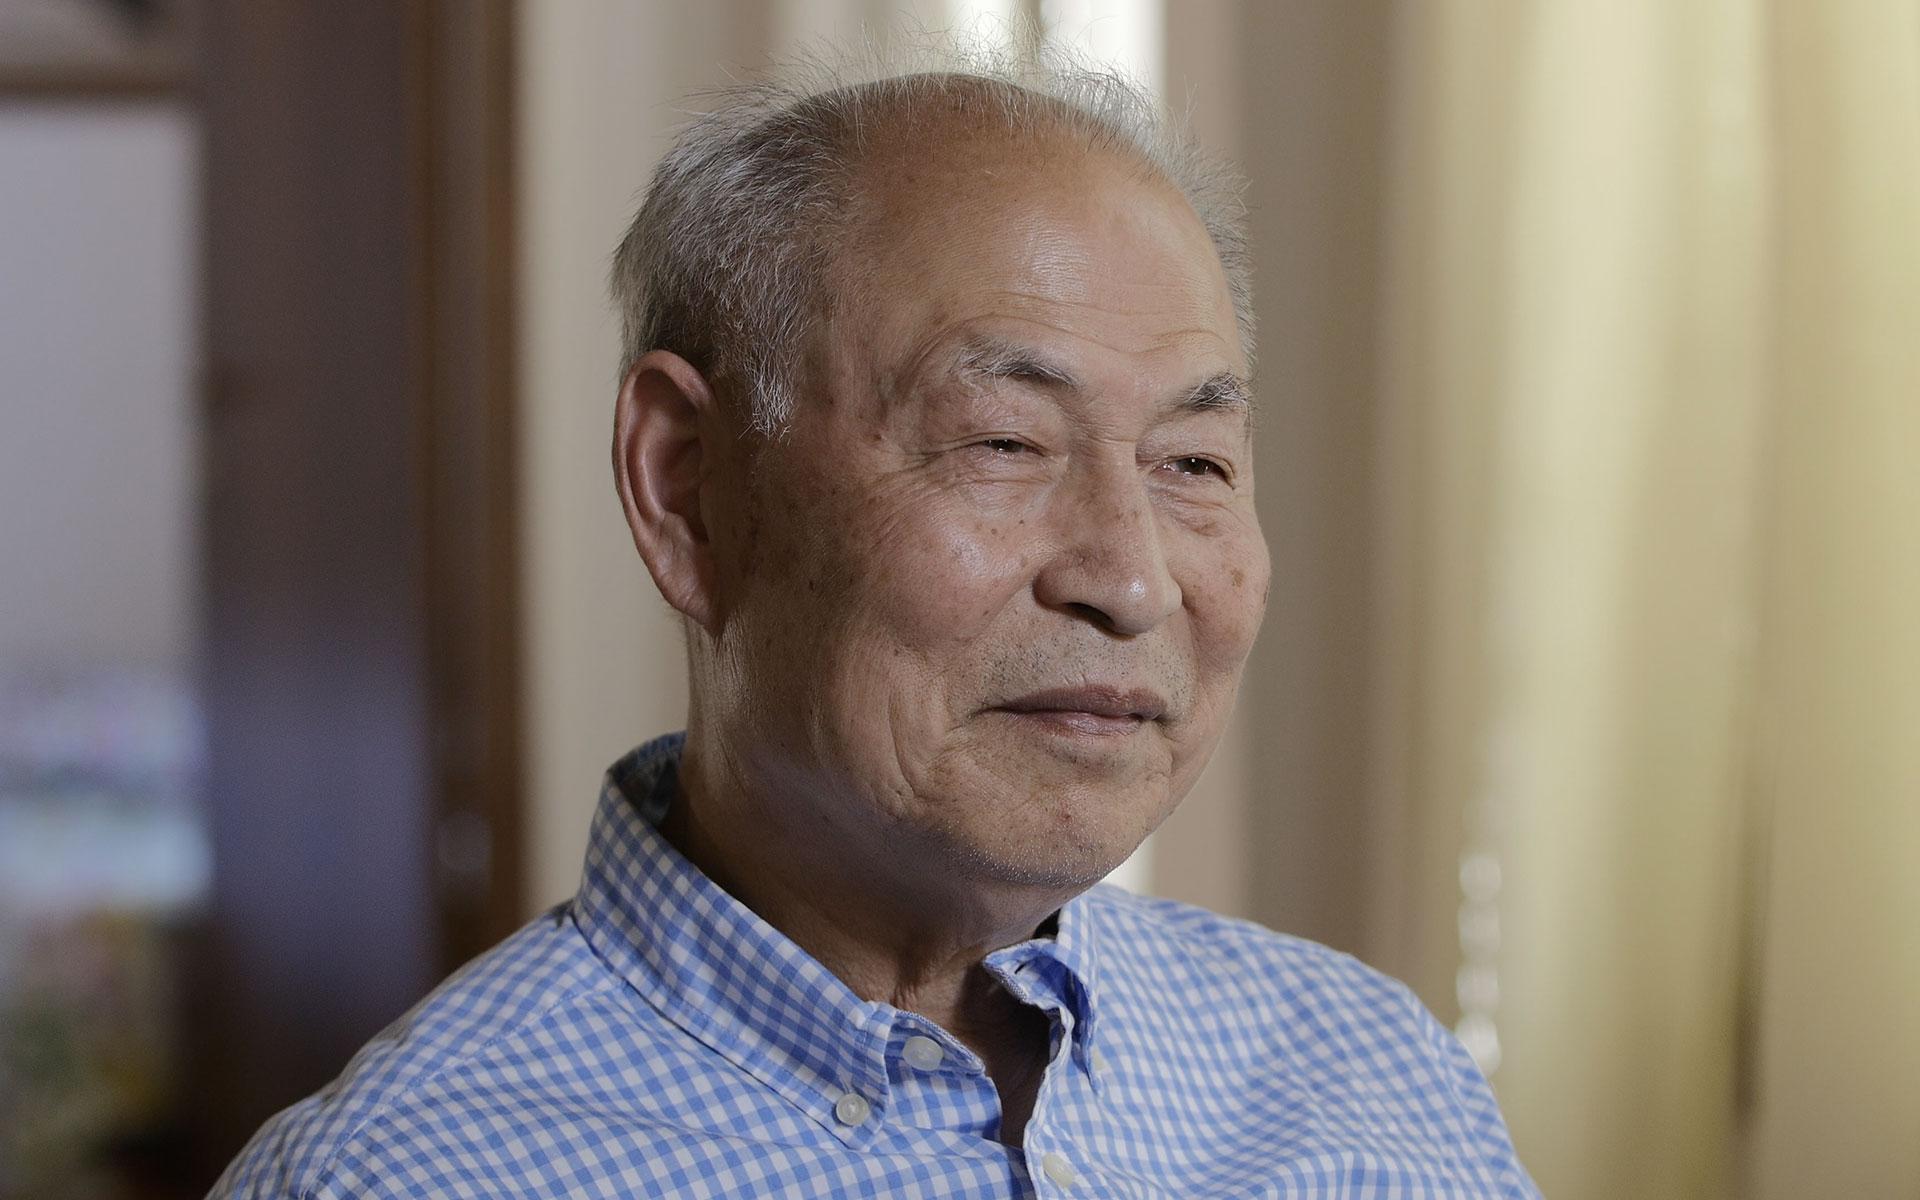 Zhang Kunlun, fundador da Exposição Internacional da Arte de Zhen-Shan-Ren (Verdade, Compaixão, Tolerância) (artofcouragefilm.com)